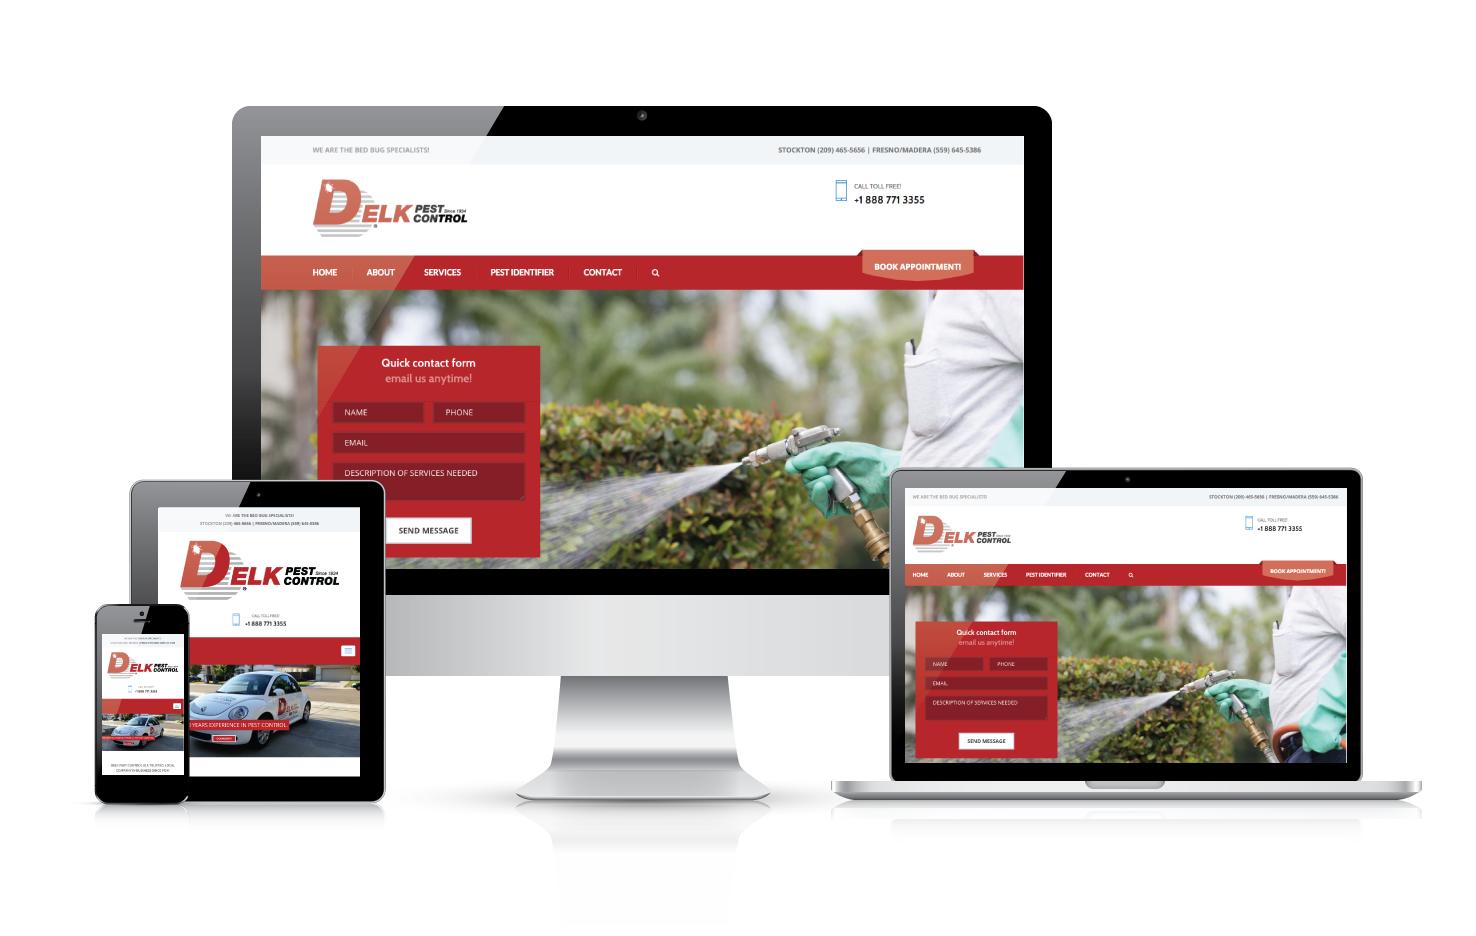 delk-pest-control-website-mockup.png